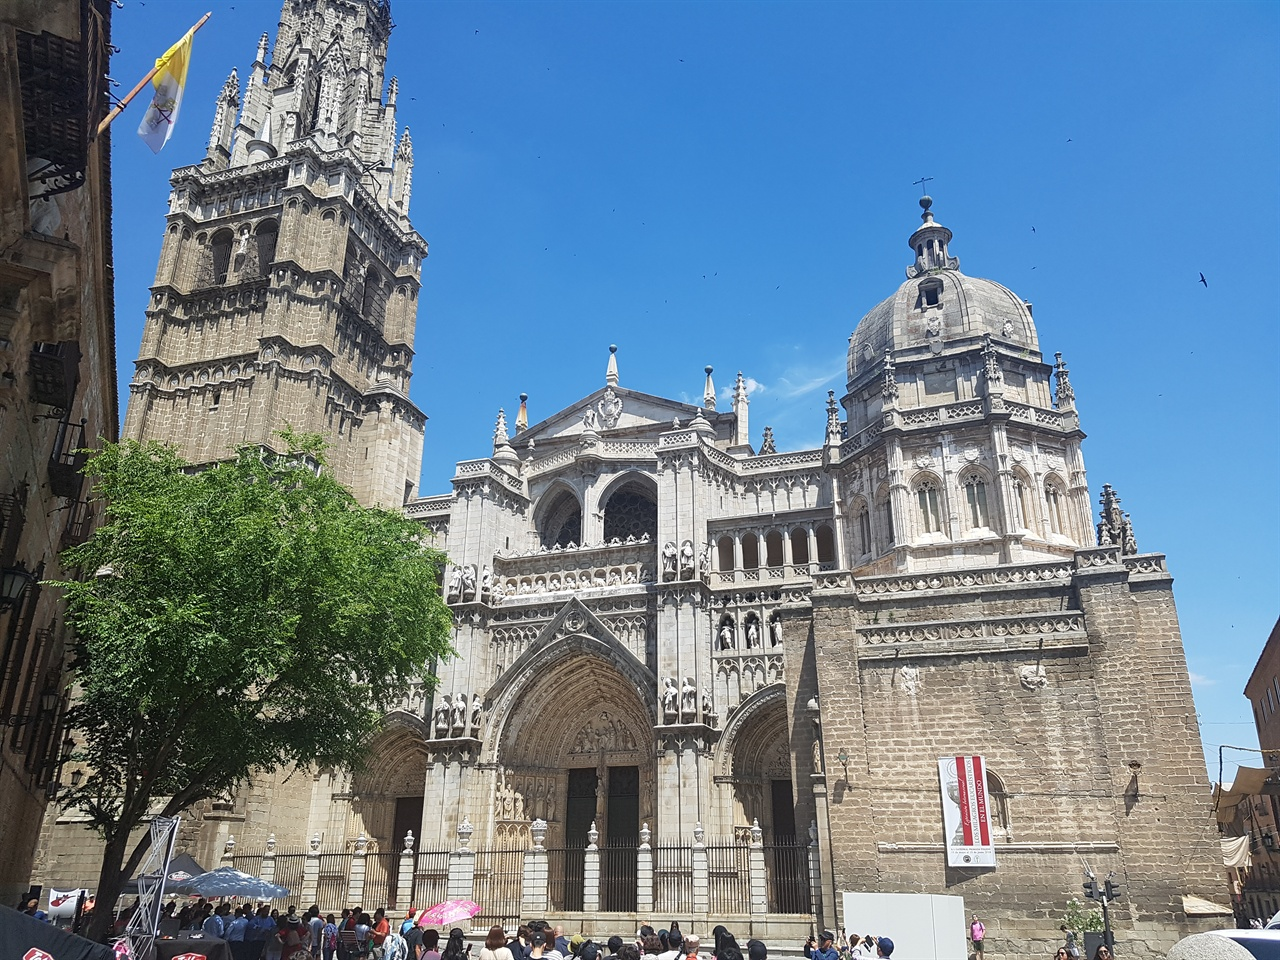 톨레도 대성당은 스페인 가톨릭의 총본부 성당으로 그에 걸맞은 장엄함과 우아함을 자랑합니다.